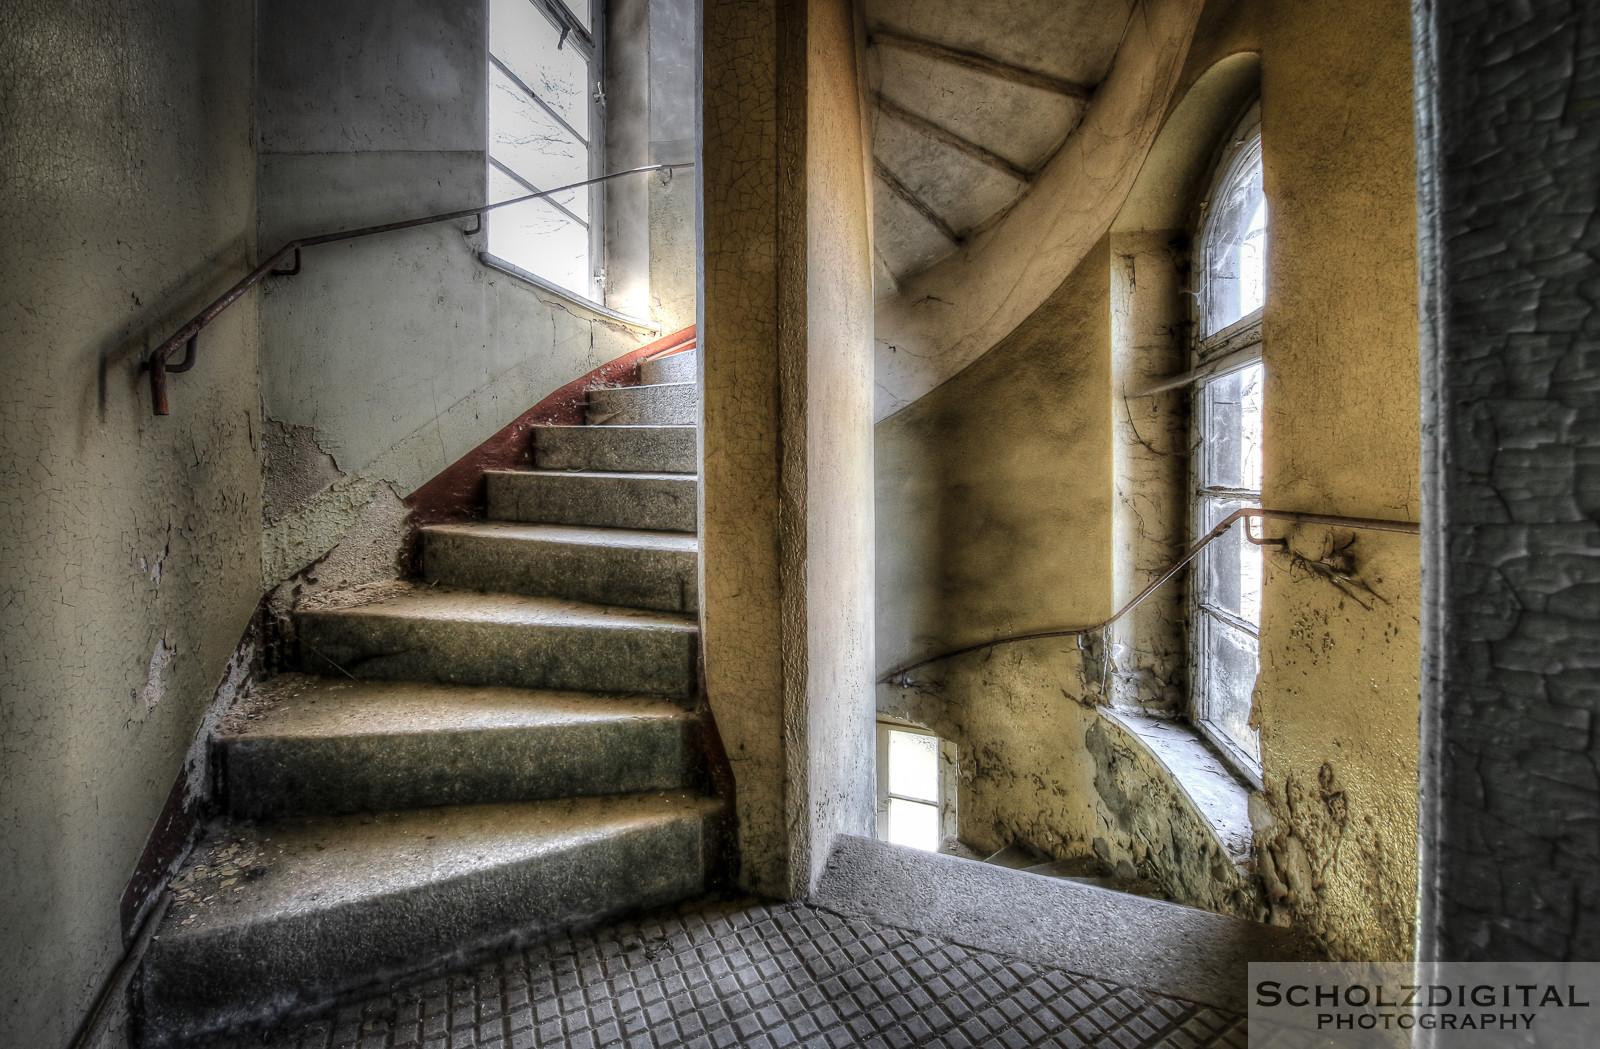 Abandoned, beelden, Decay, forgotten, Lost Place, Ost, Osten, Sachsen, Urban exploration, Urbex, urbexlocatie, verlassen, Verlassene Orte, Villa Klappstock